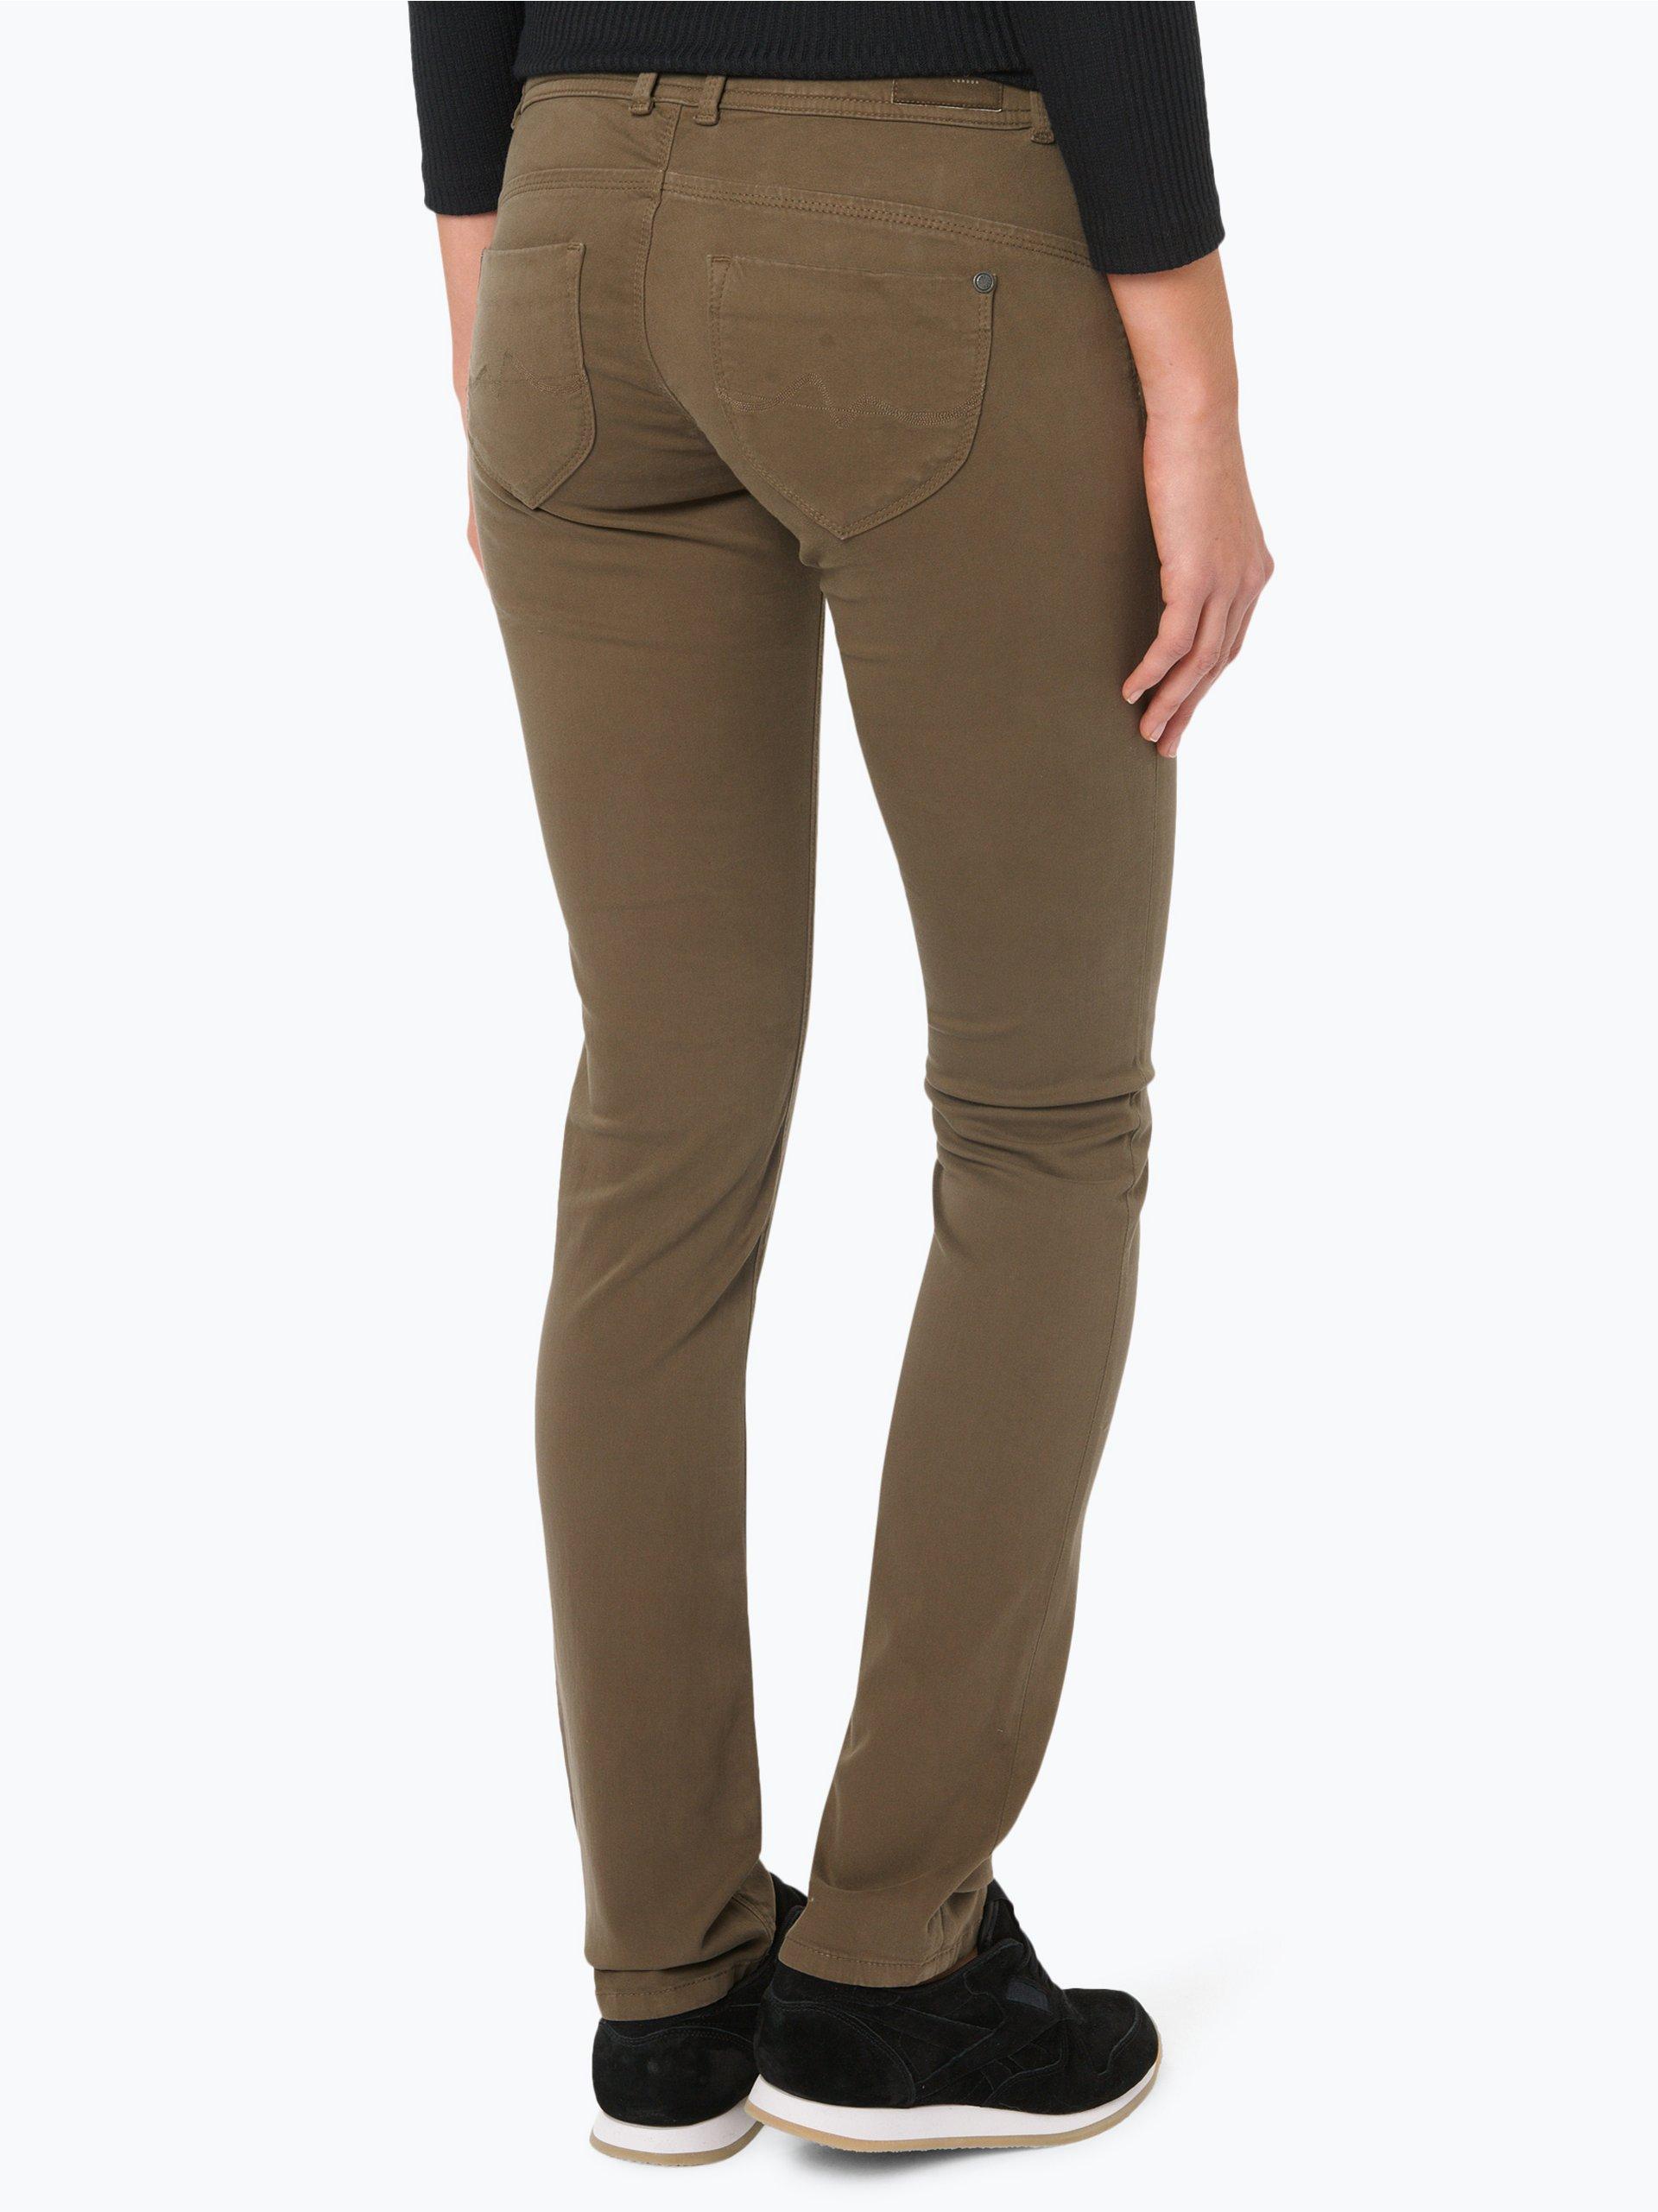 pepe jeans damen hose new brooke online kaufen vangraaf com. Black Bedroom Furniture Sets. Home Design Ideas